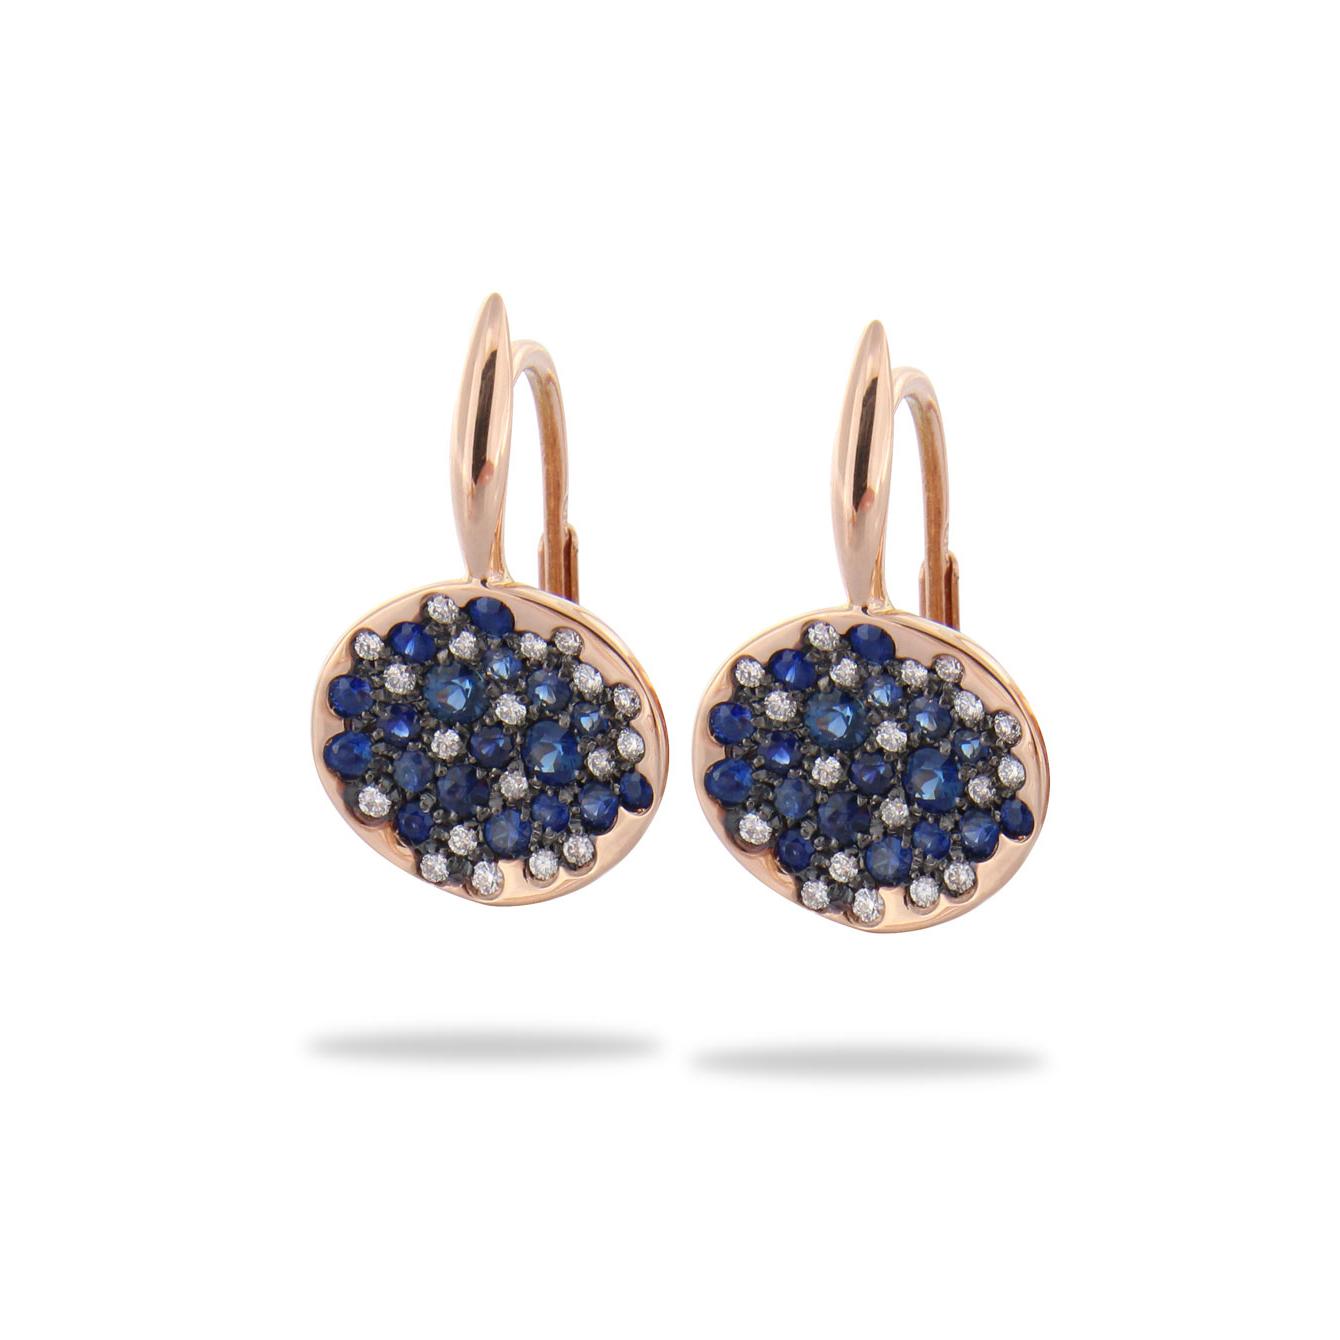 Boucles d'oreilles Brusi Spring saphirs et diamants sur or rose